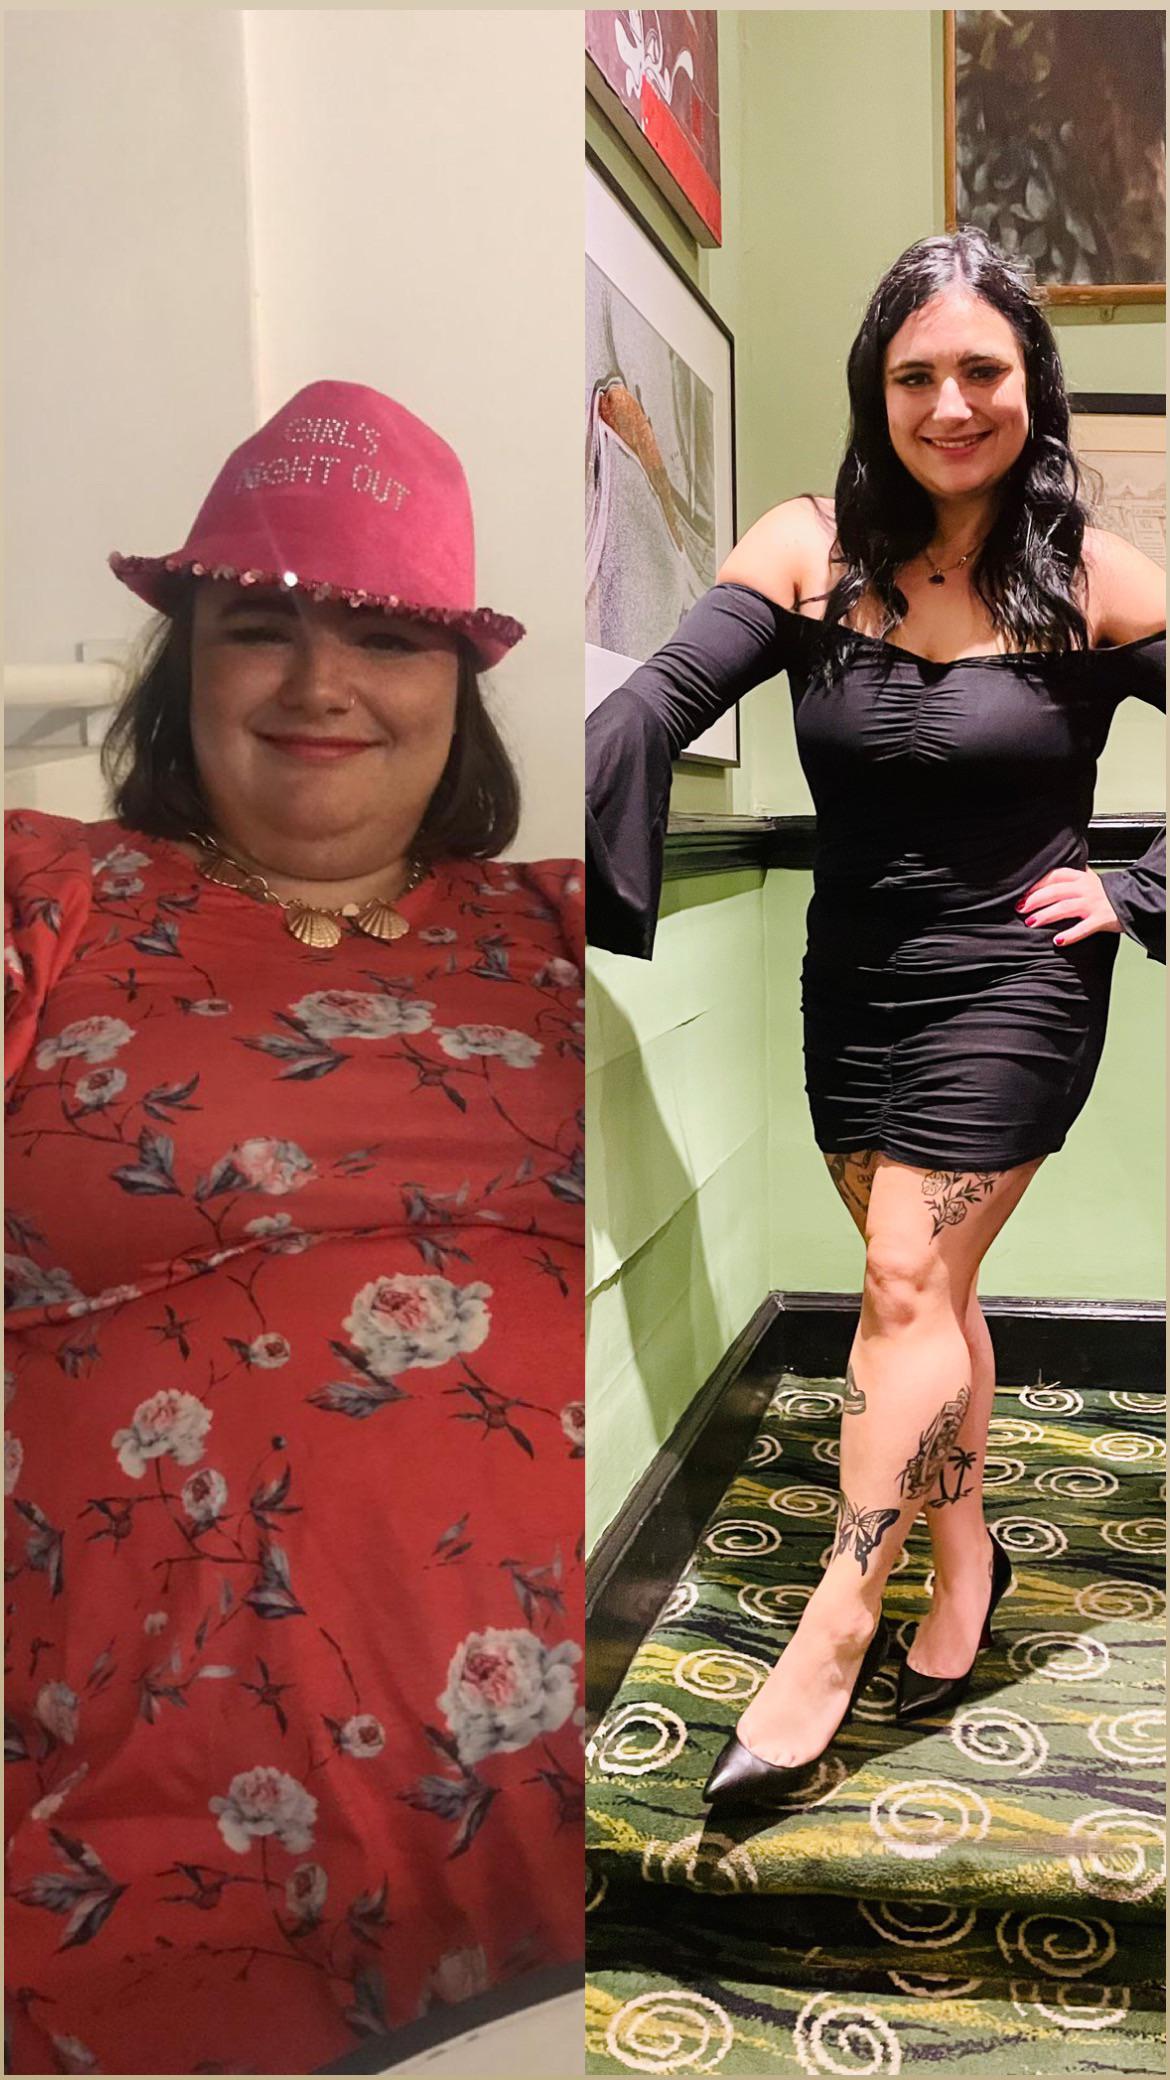 5 feet 1 Female 112 lbs Weight Loss 269 lbs to 157 lbs